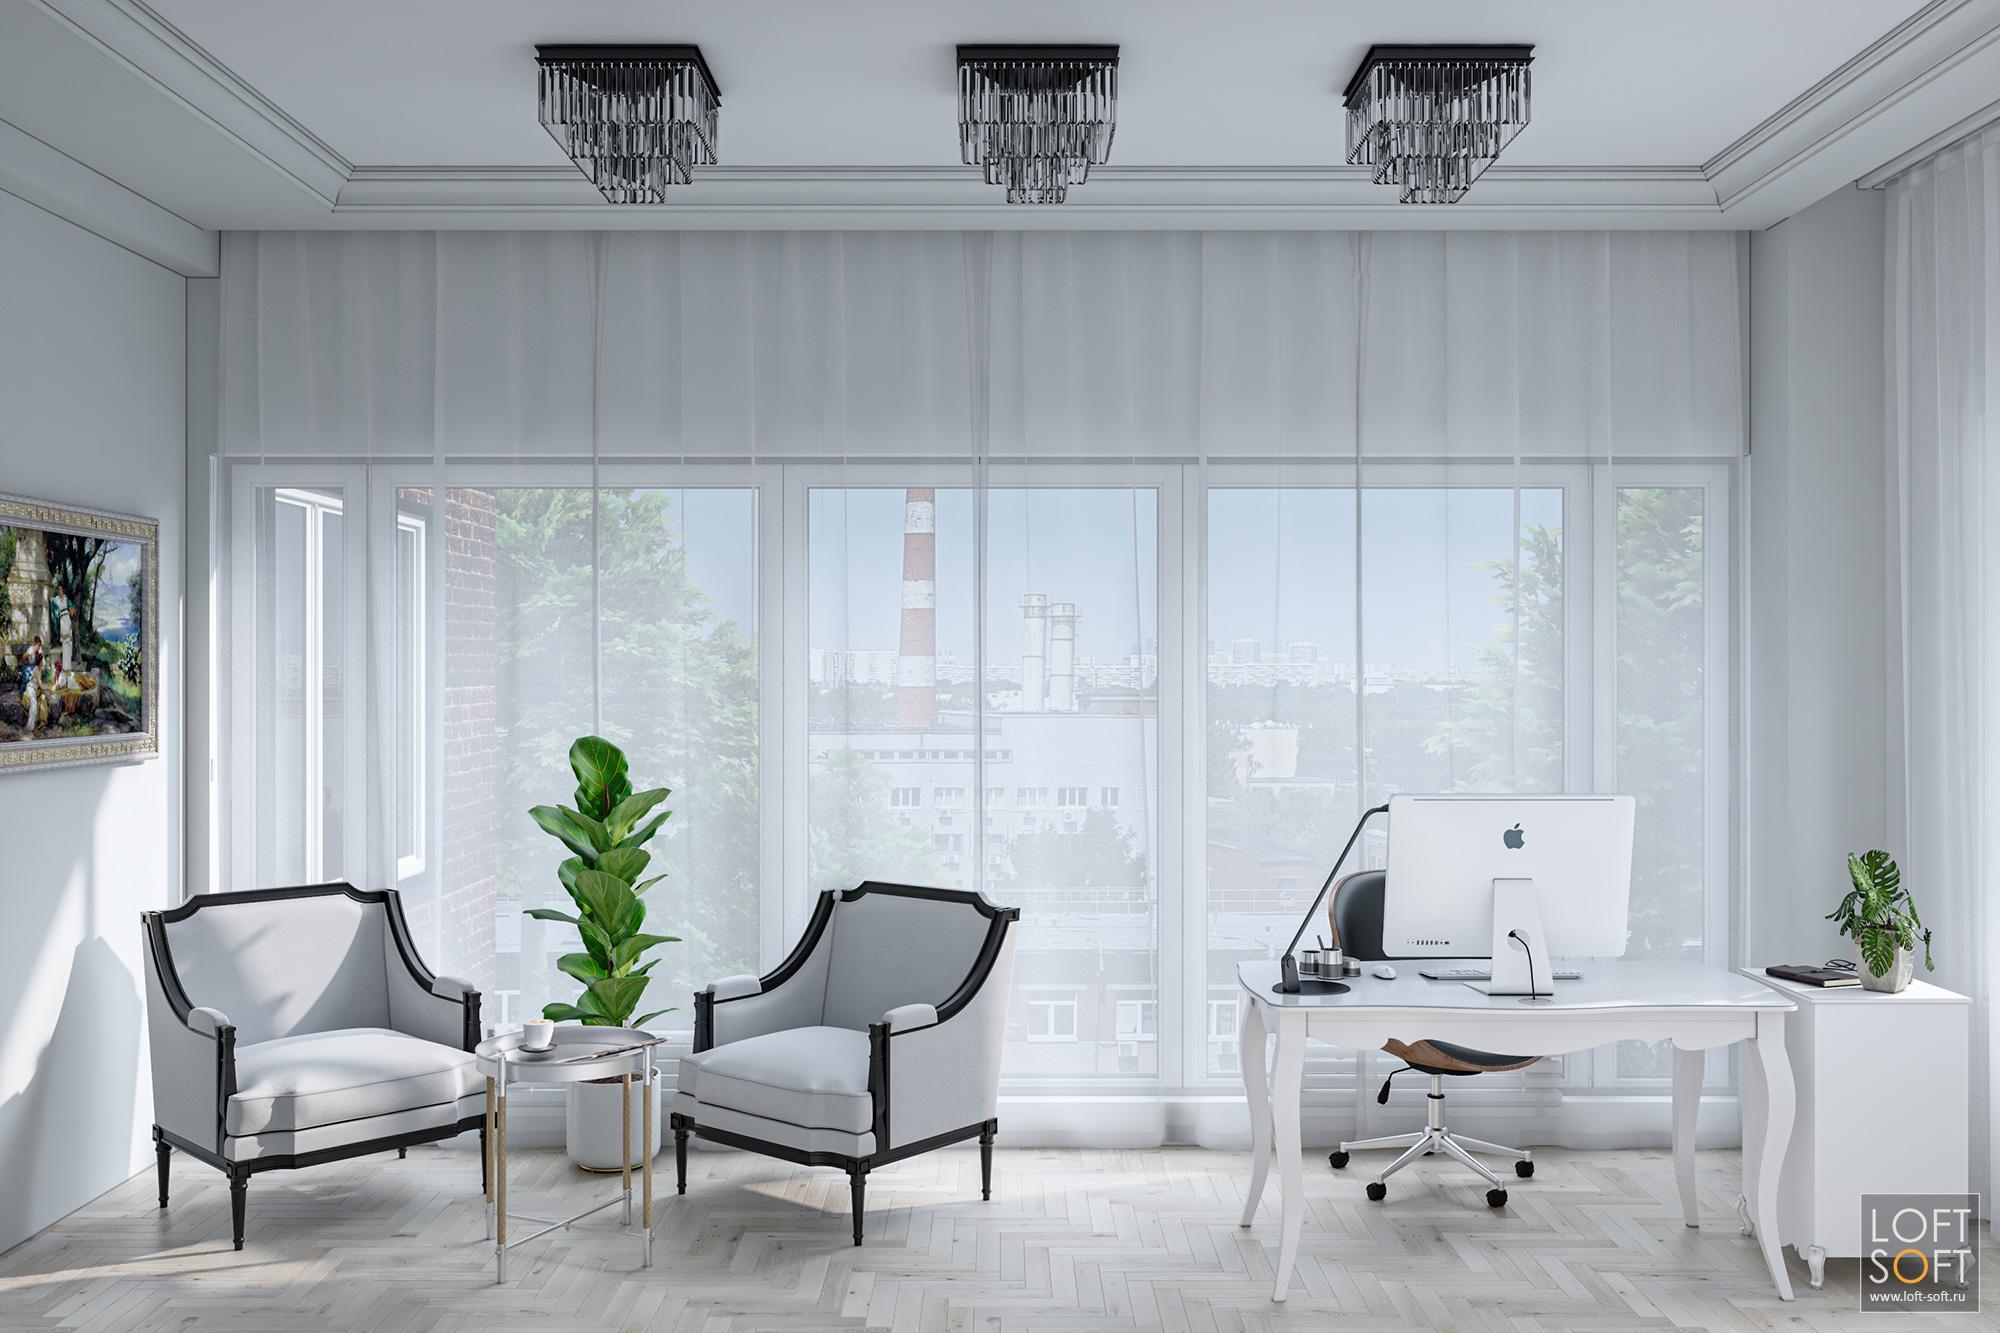 Дизайн интерьера офиса сбольшими окнами